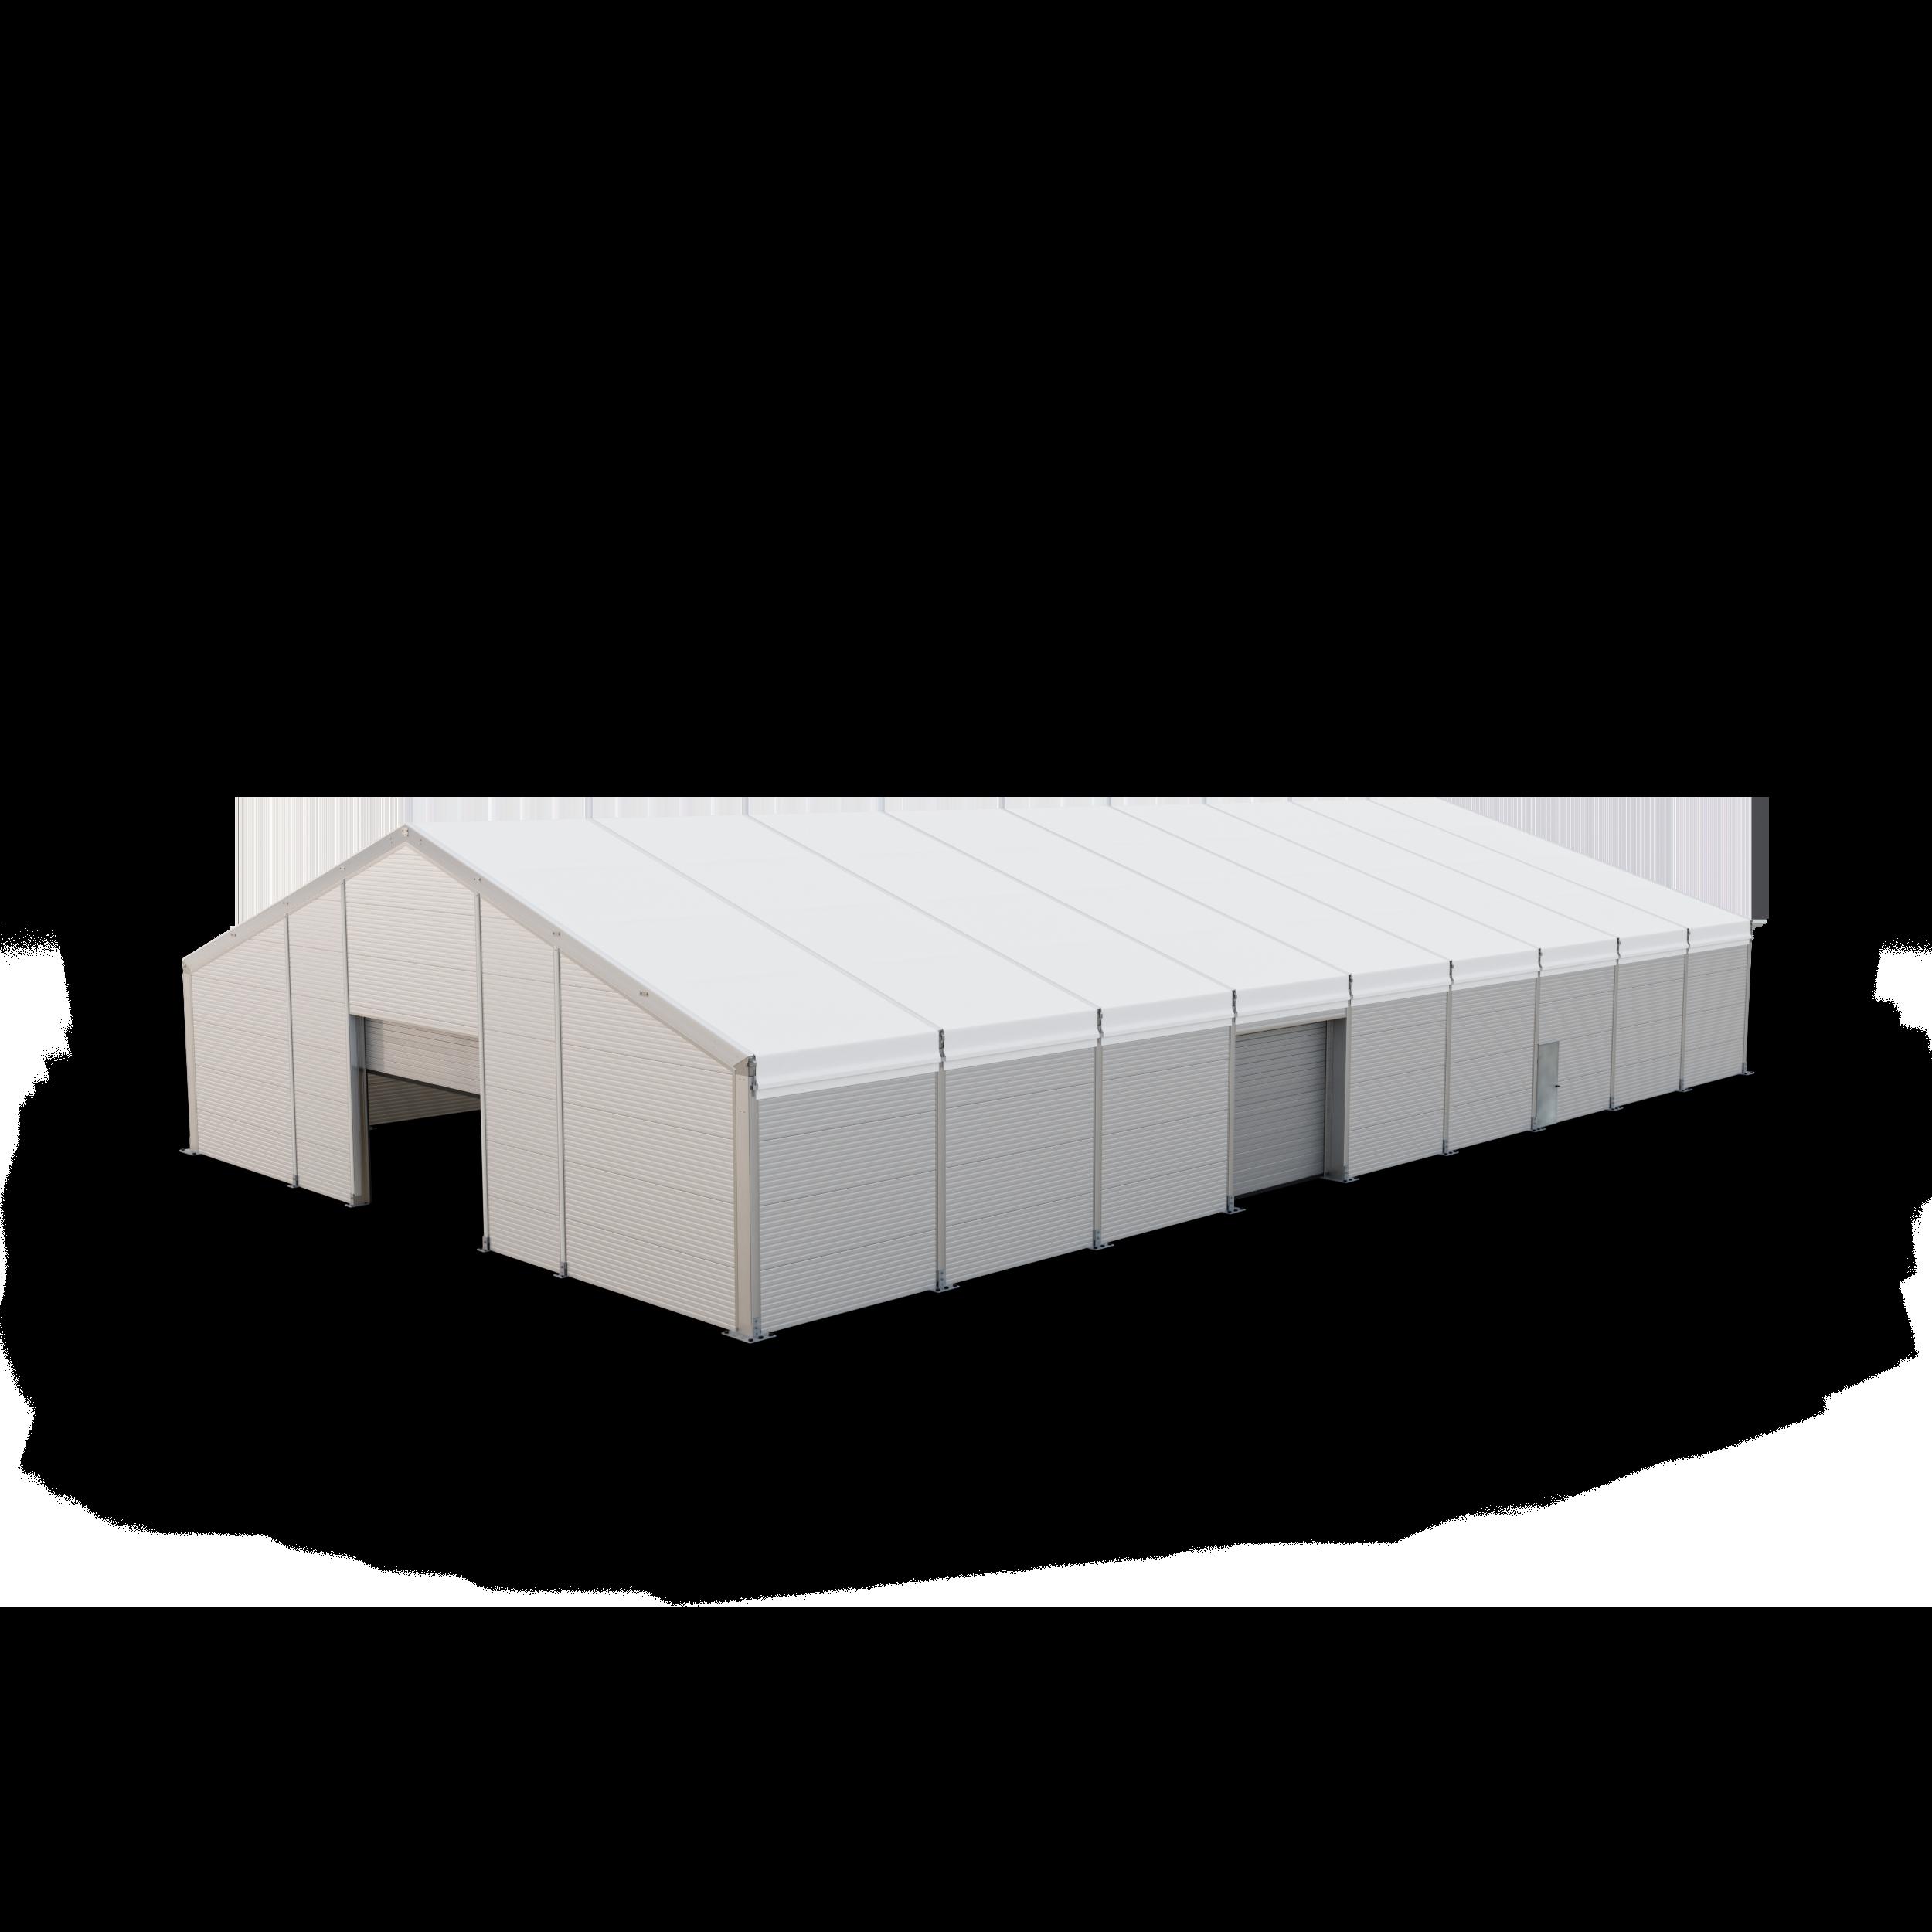 Batiment de stockage d 39 occasion toit et fa ades membrane for Prix au m2 d un batiment industriel